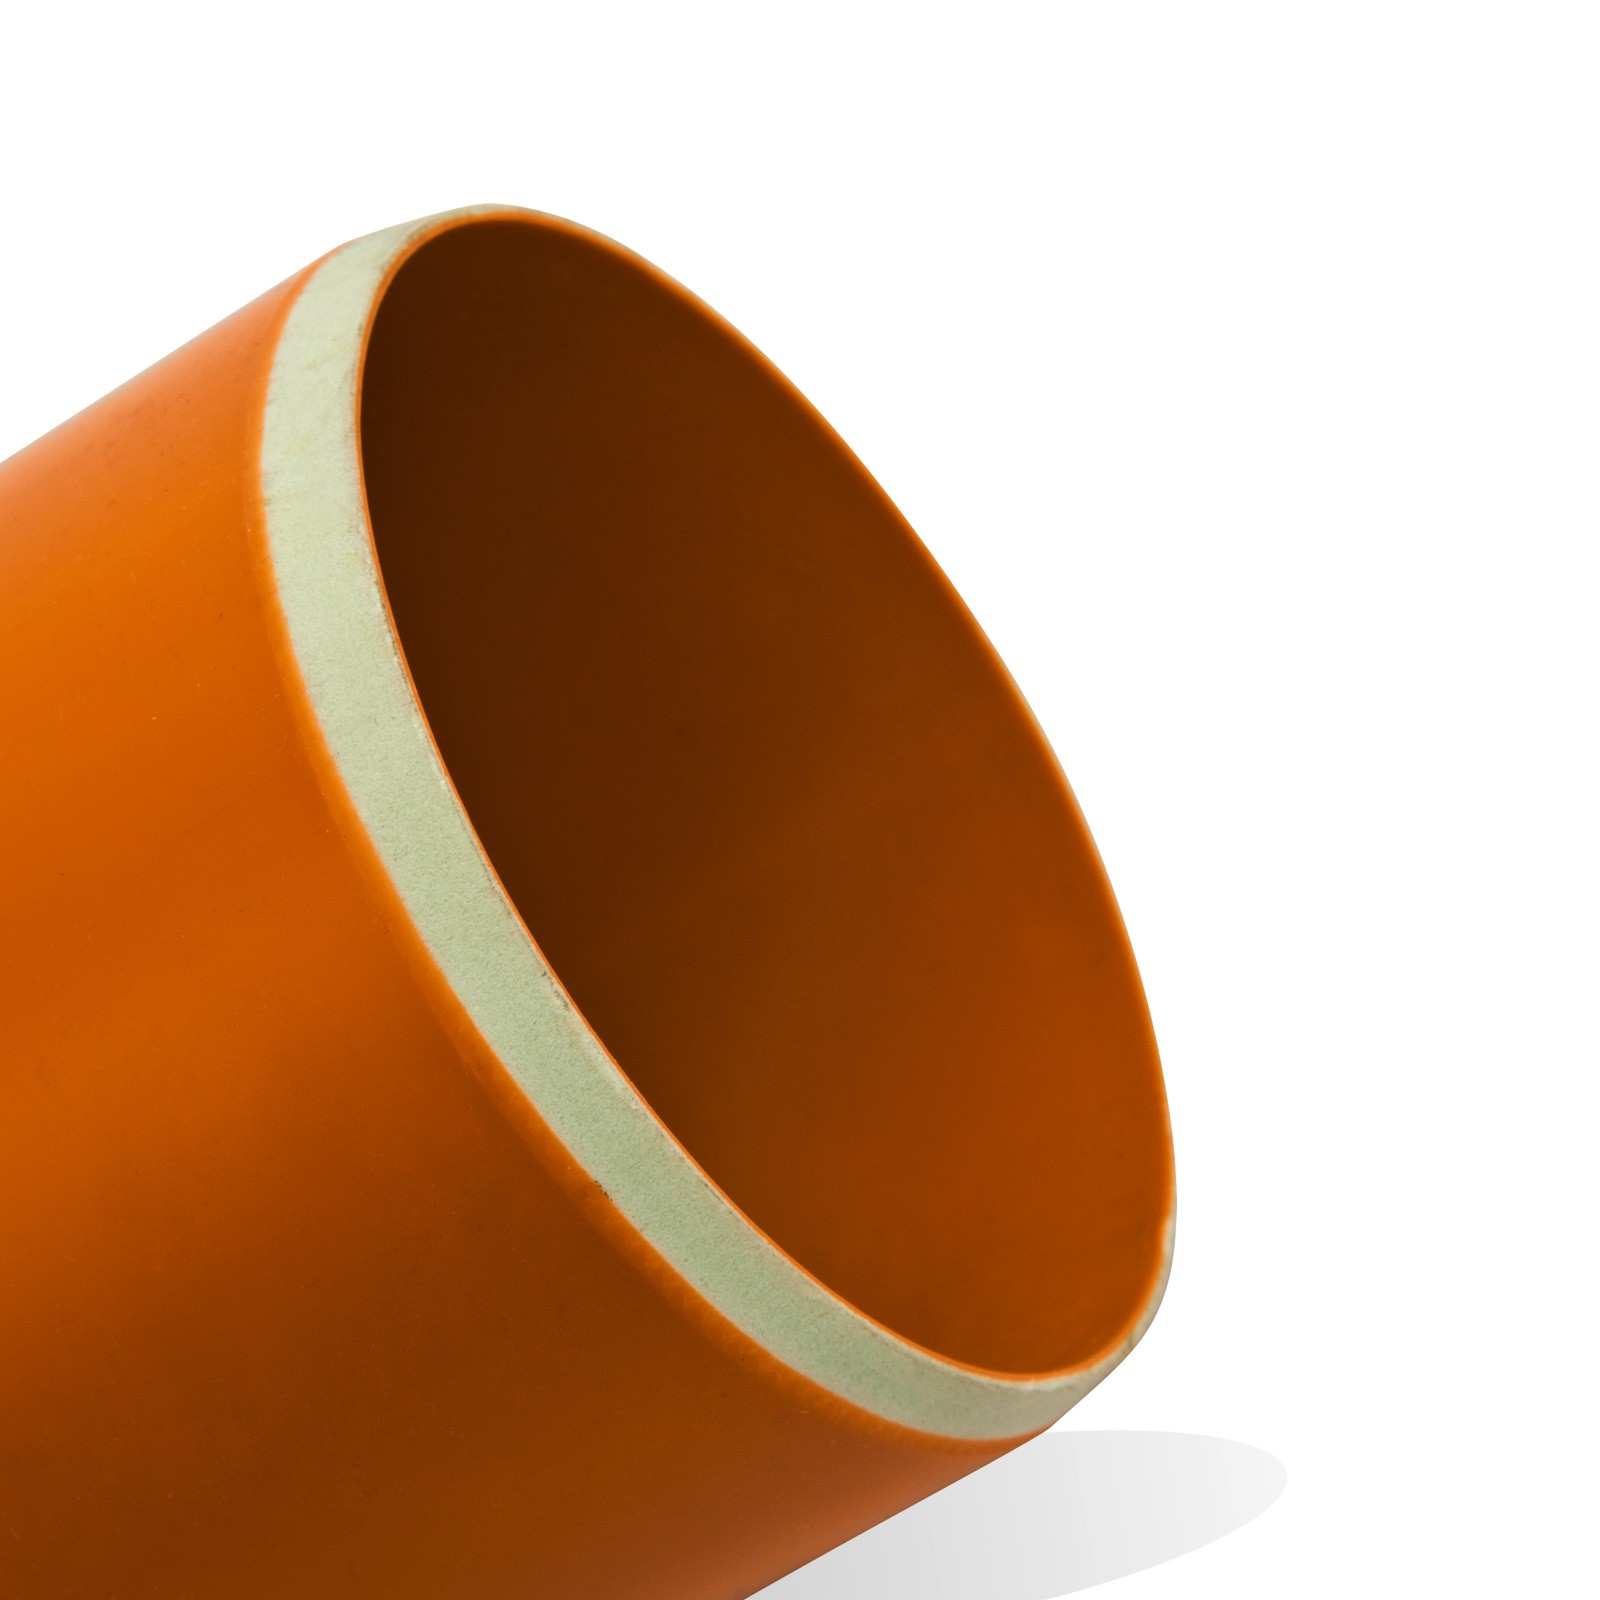 kg rohr dn160 1000mm abwasserrohr 150mm kanalrohr orange. Black Bedroom Furniture Sets. Home Design Ideas